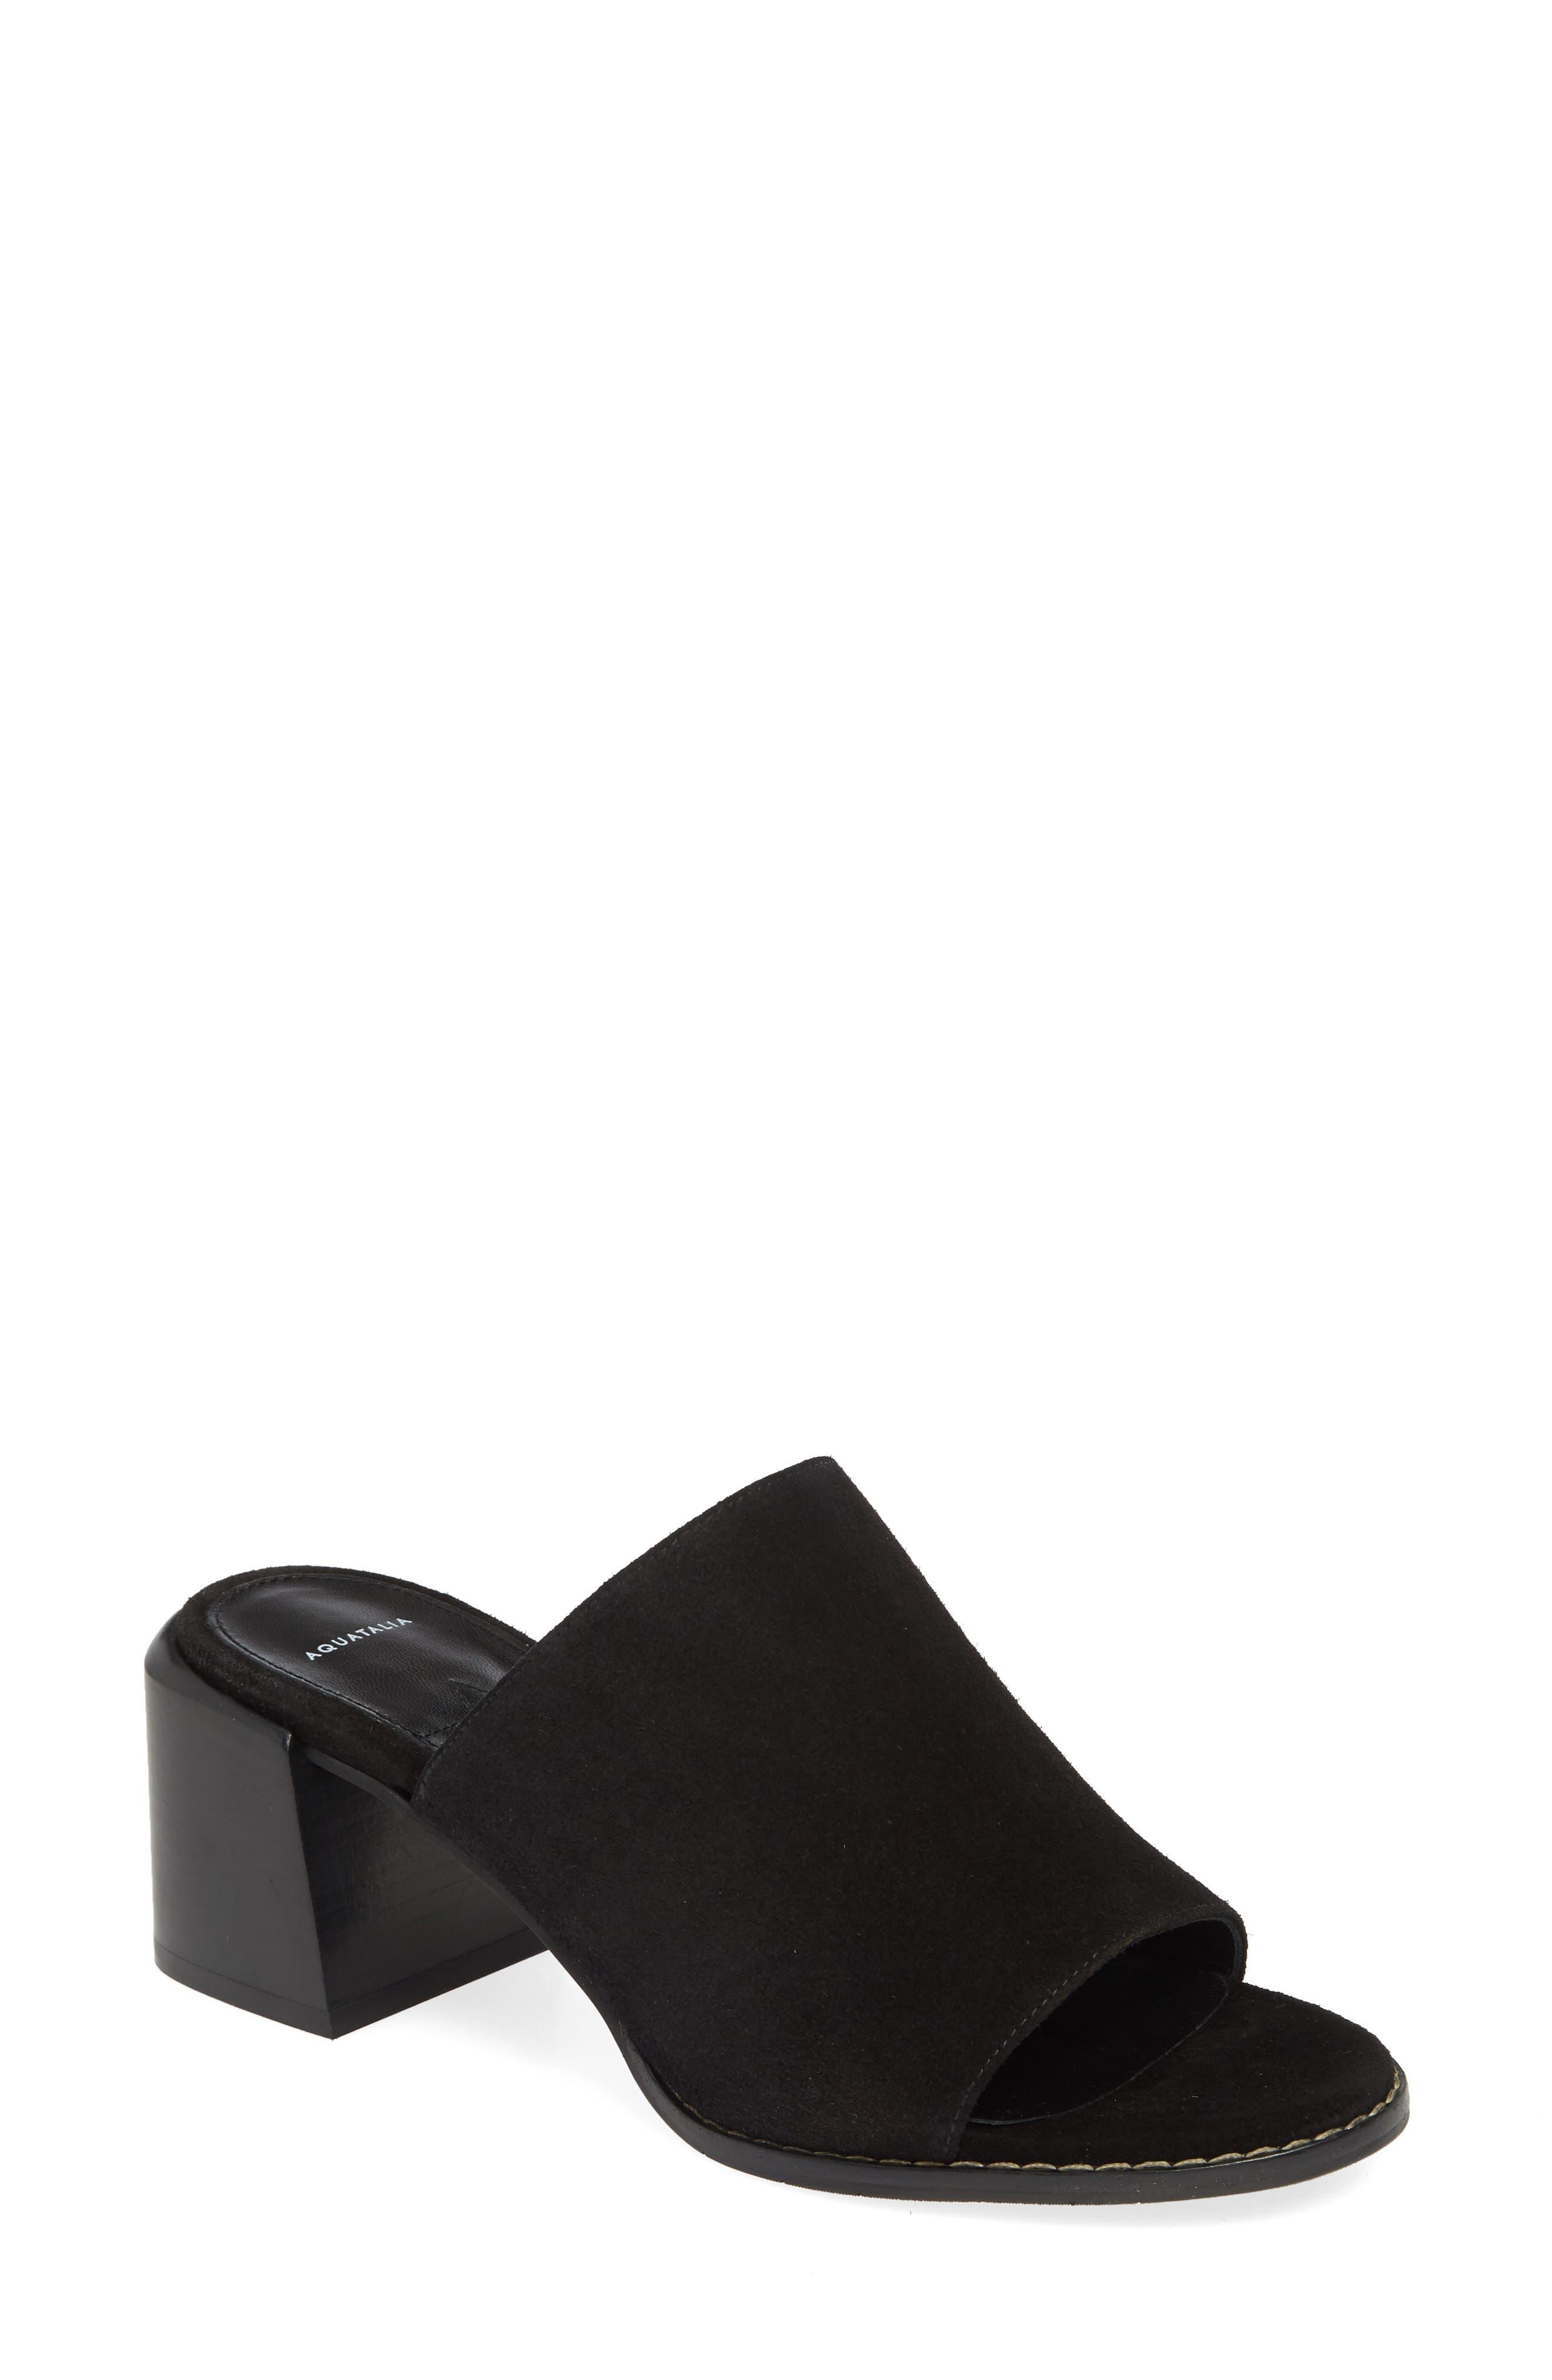 Aquatalia Jayne Slide Sandal, Black